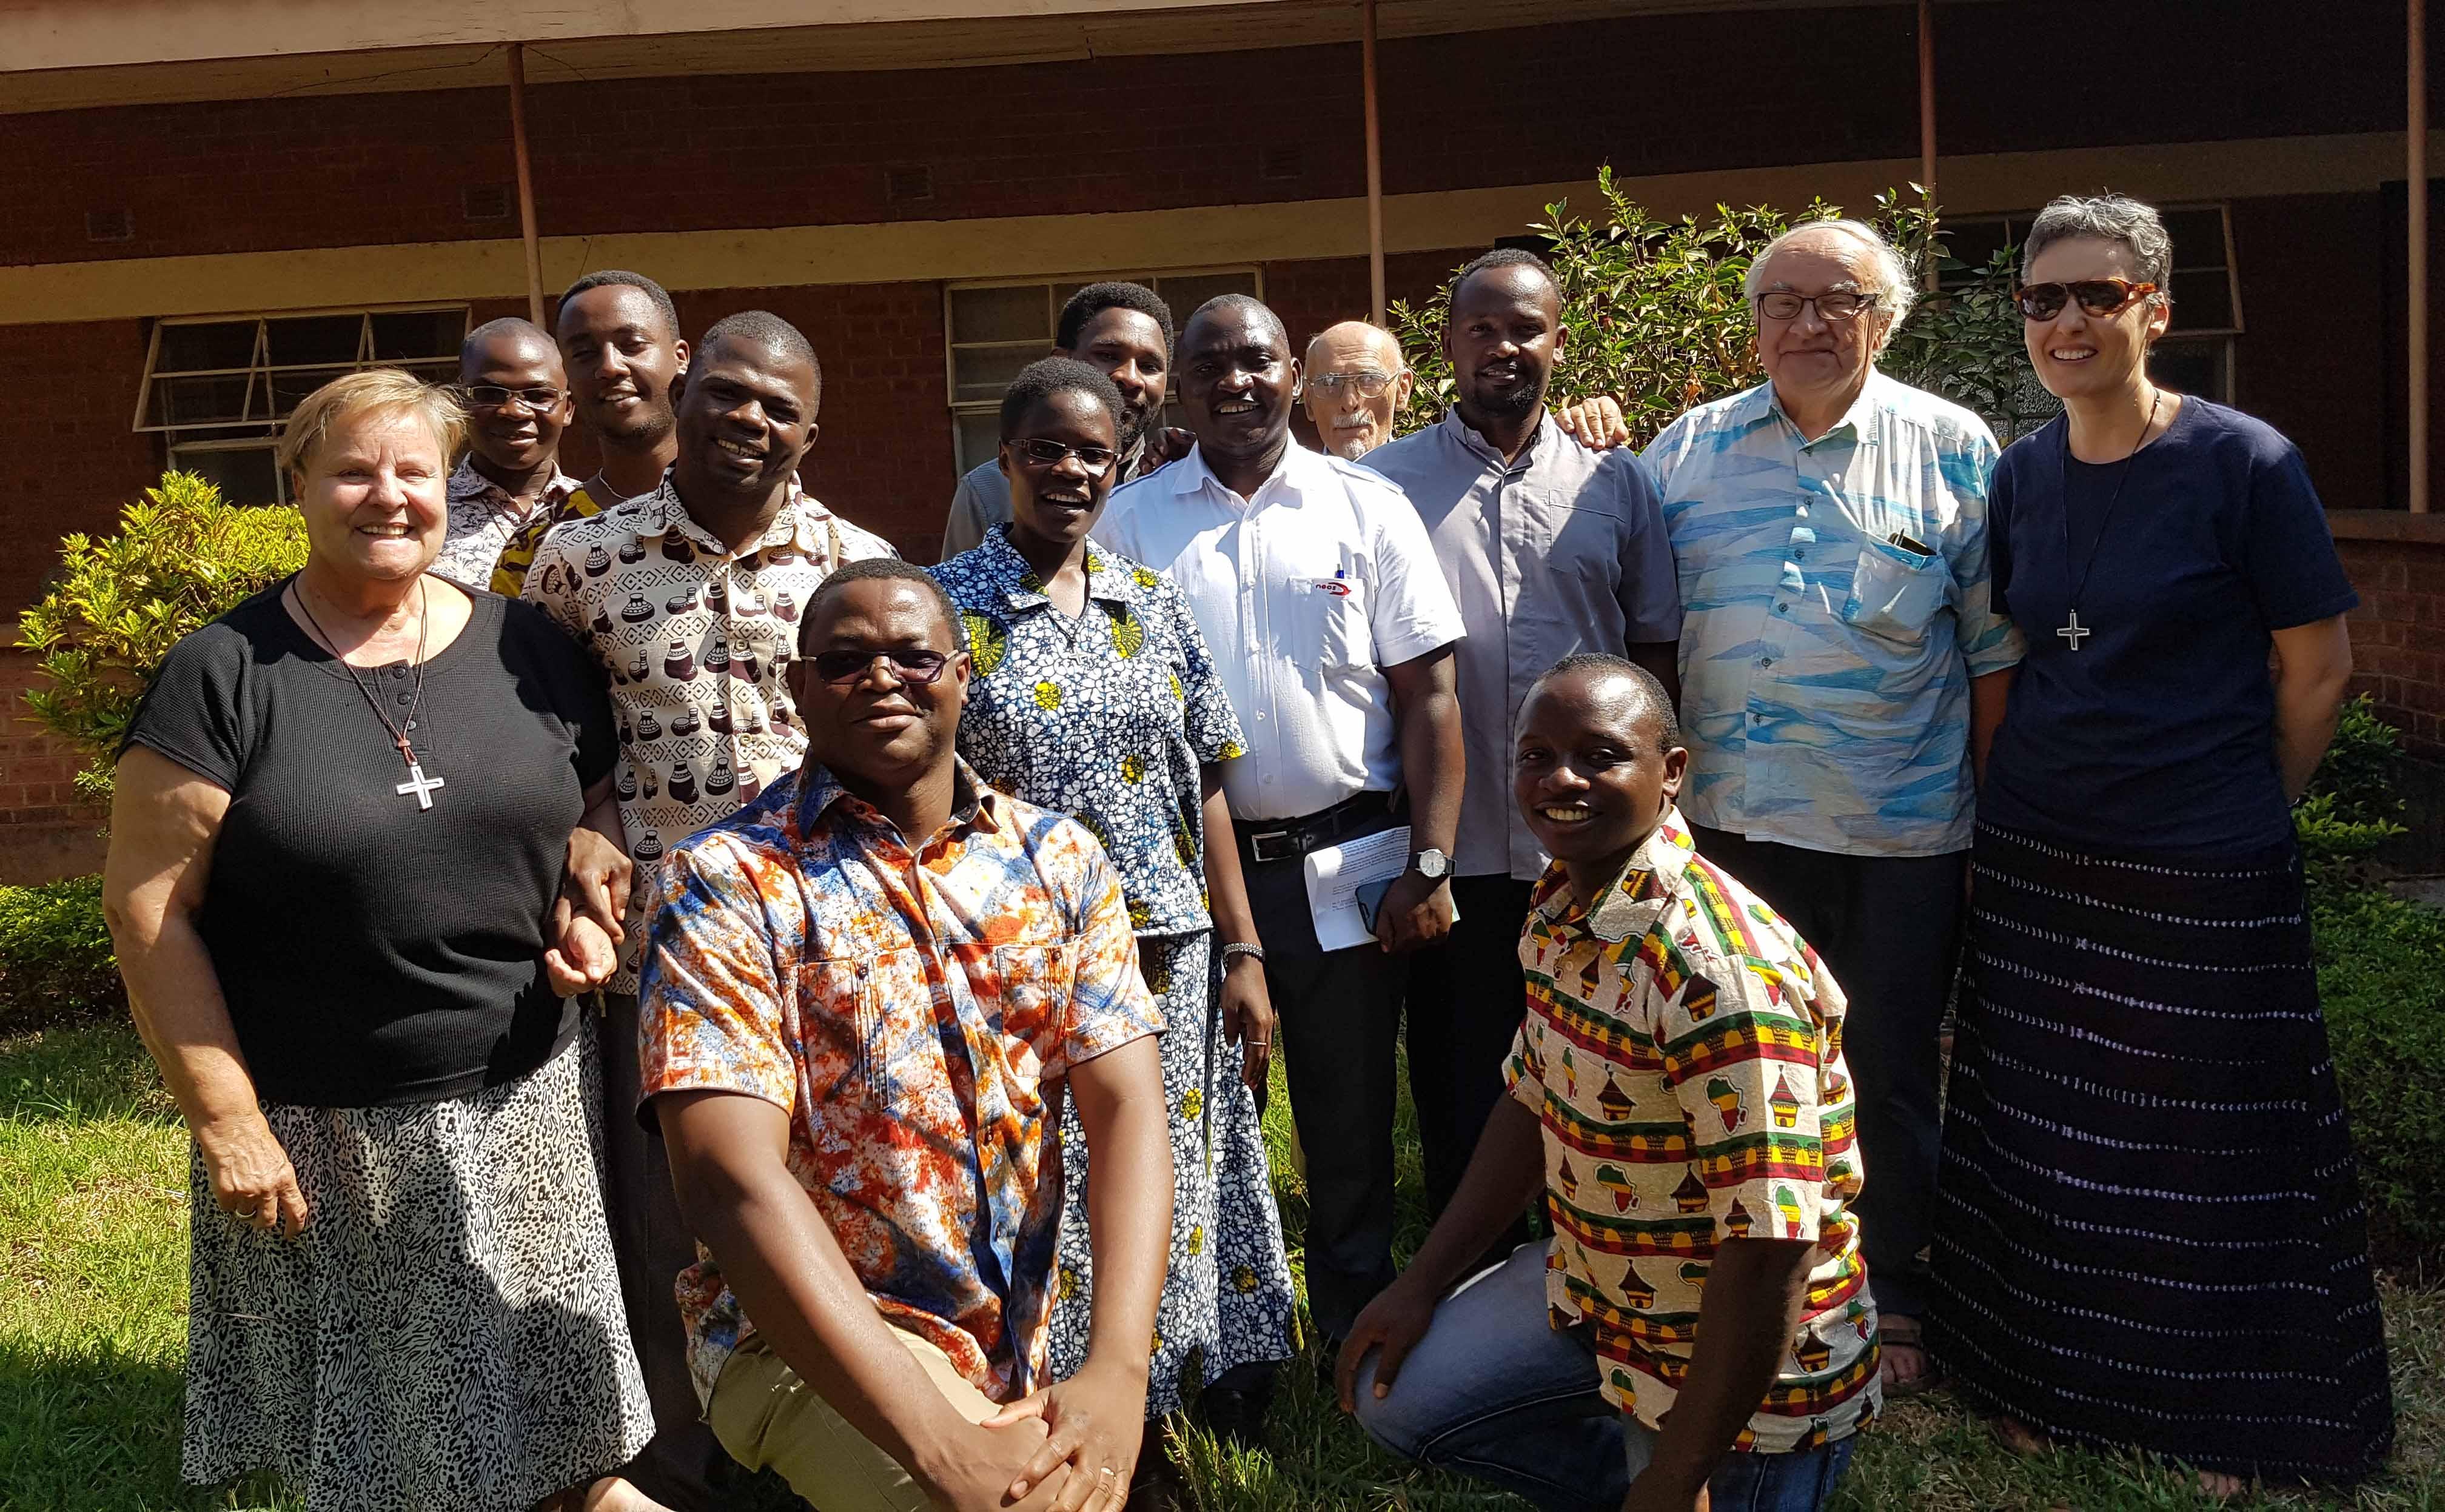 lavigerie-memorial-day-celebration-in-malawi-b